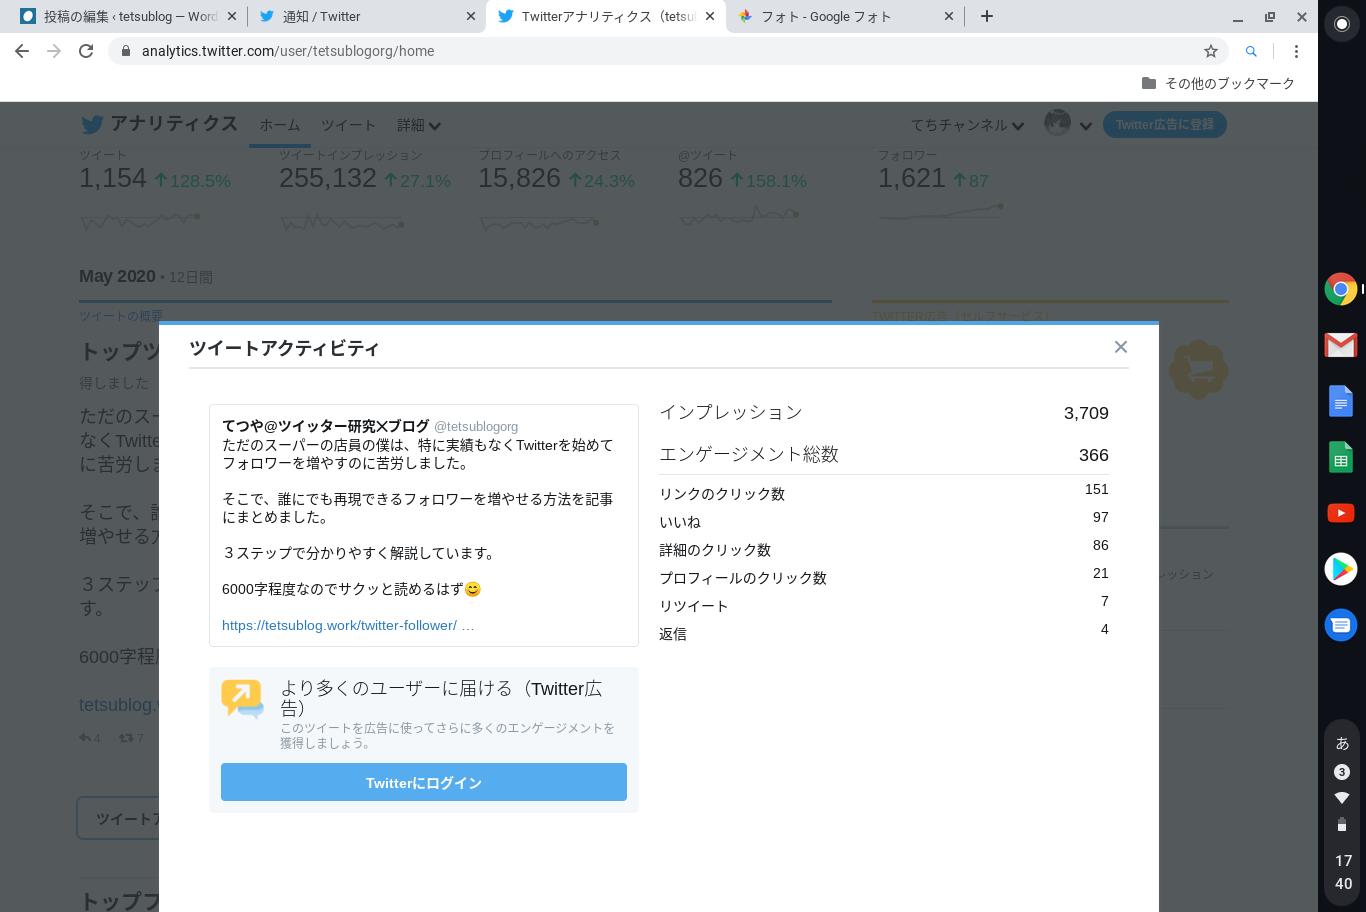 Screenshot-2020-05-13-at-17.40.57